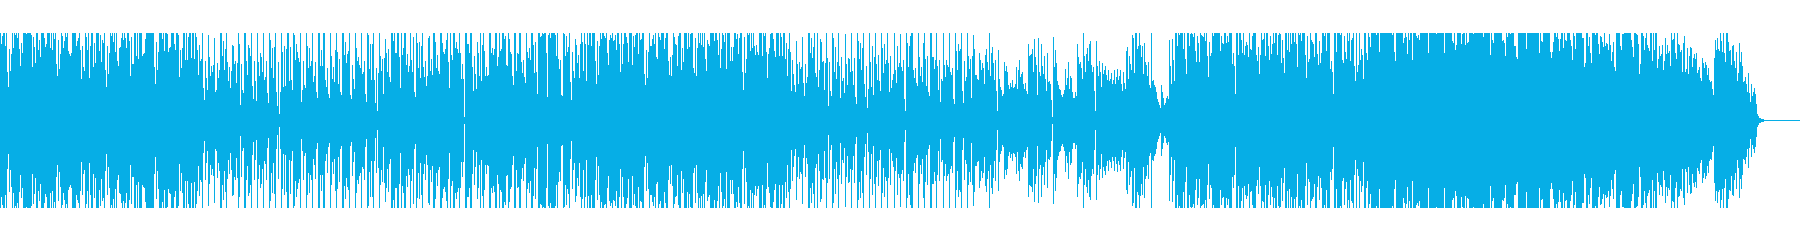 1970年代スペーシーなファンク風BGMの再生済みの波形